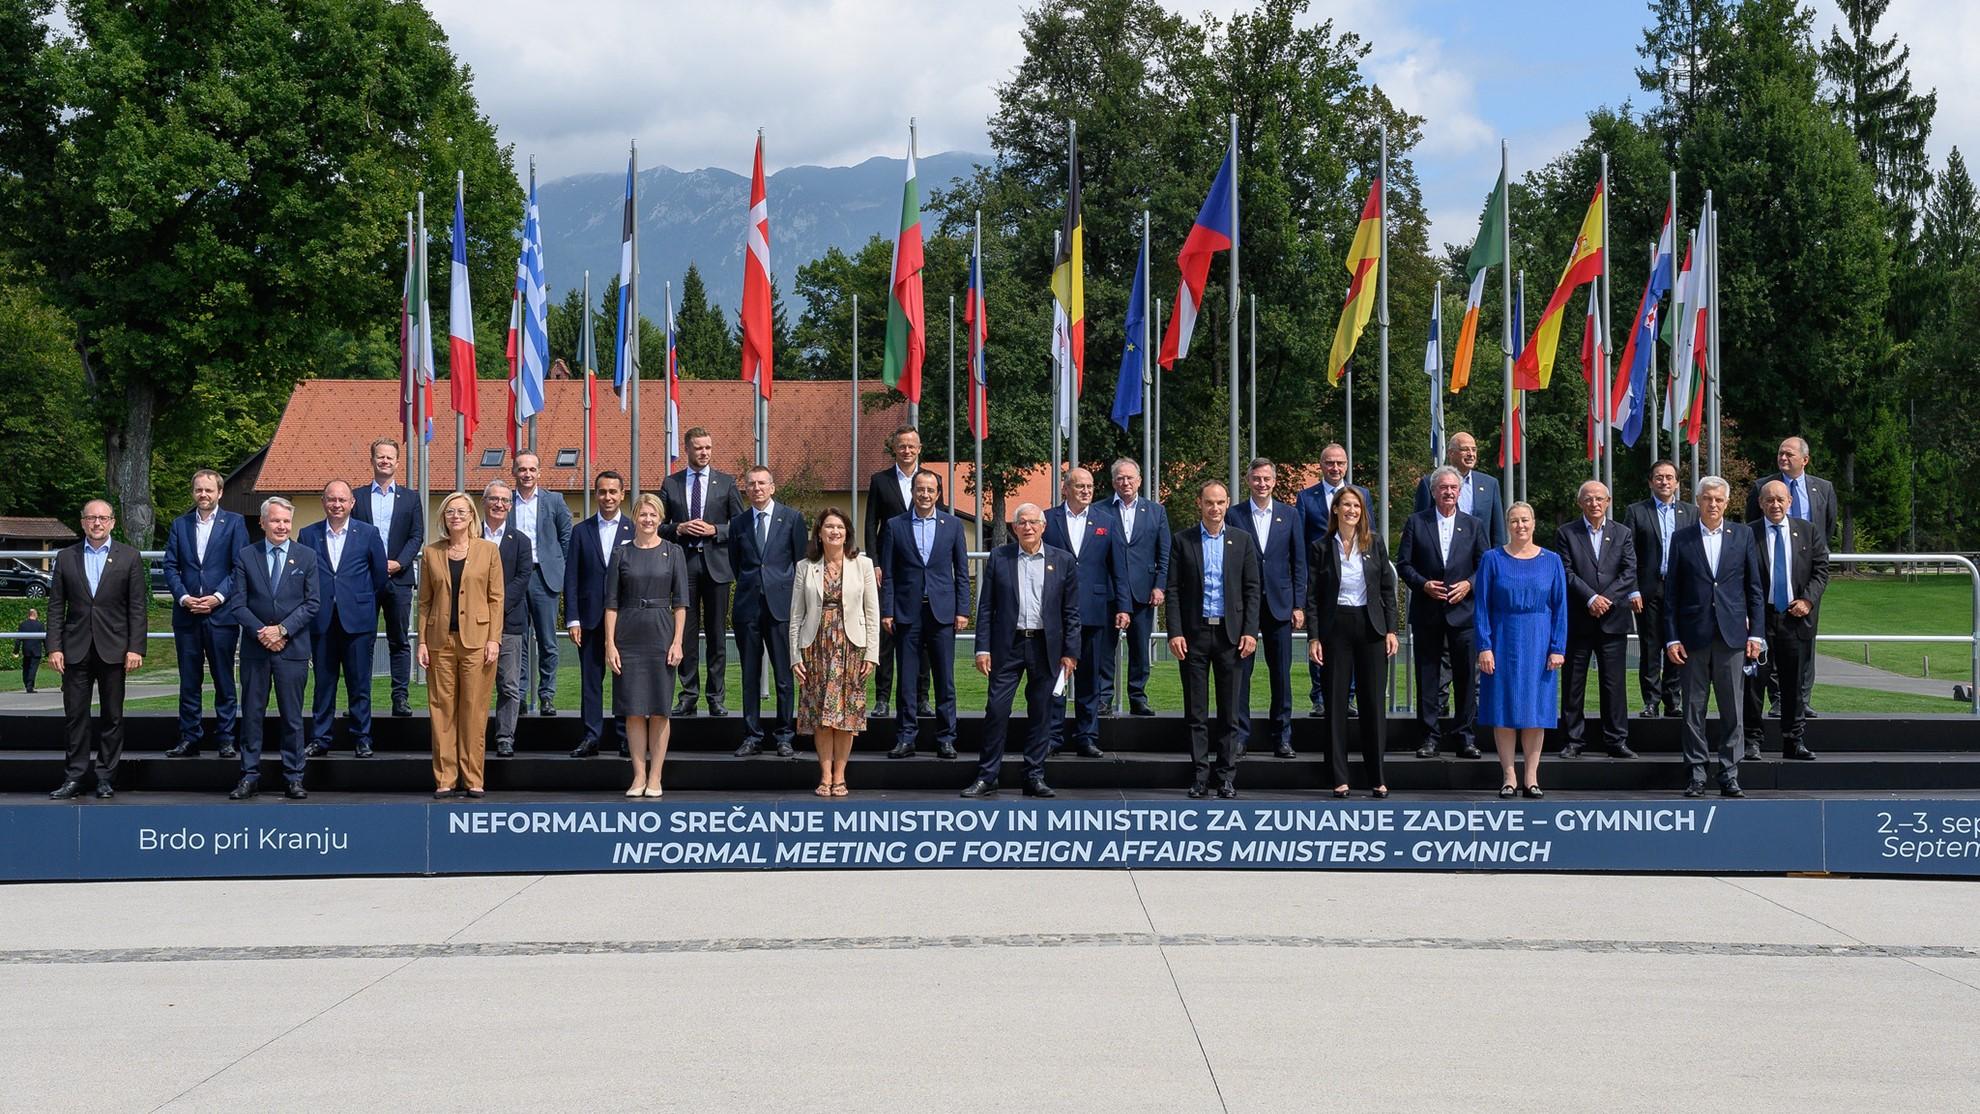 Ministri spoljnih poslova EU na Brdu kod Kranja se fokusirali na napore Unije u Avganistanu